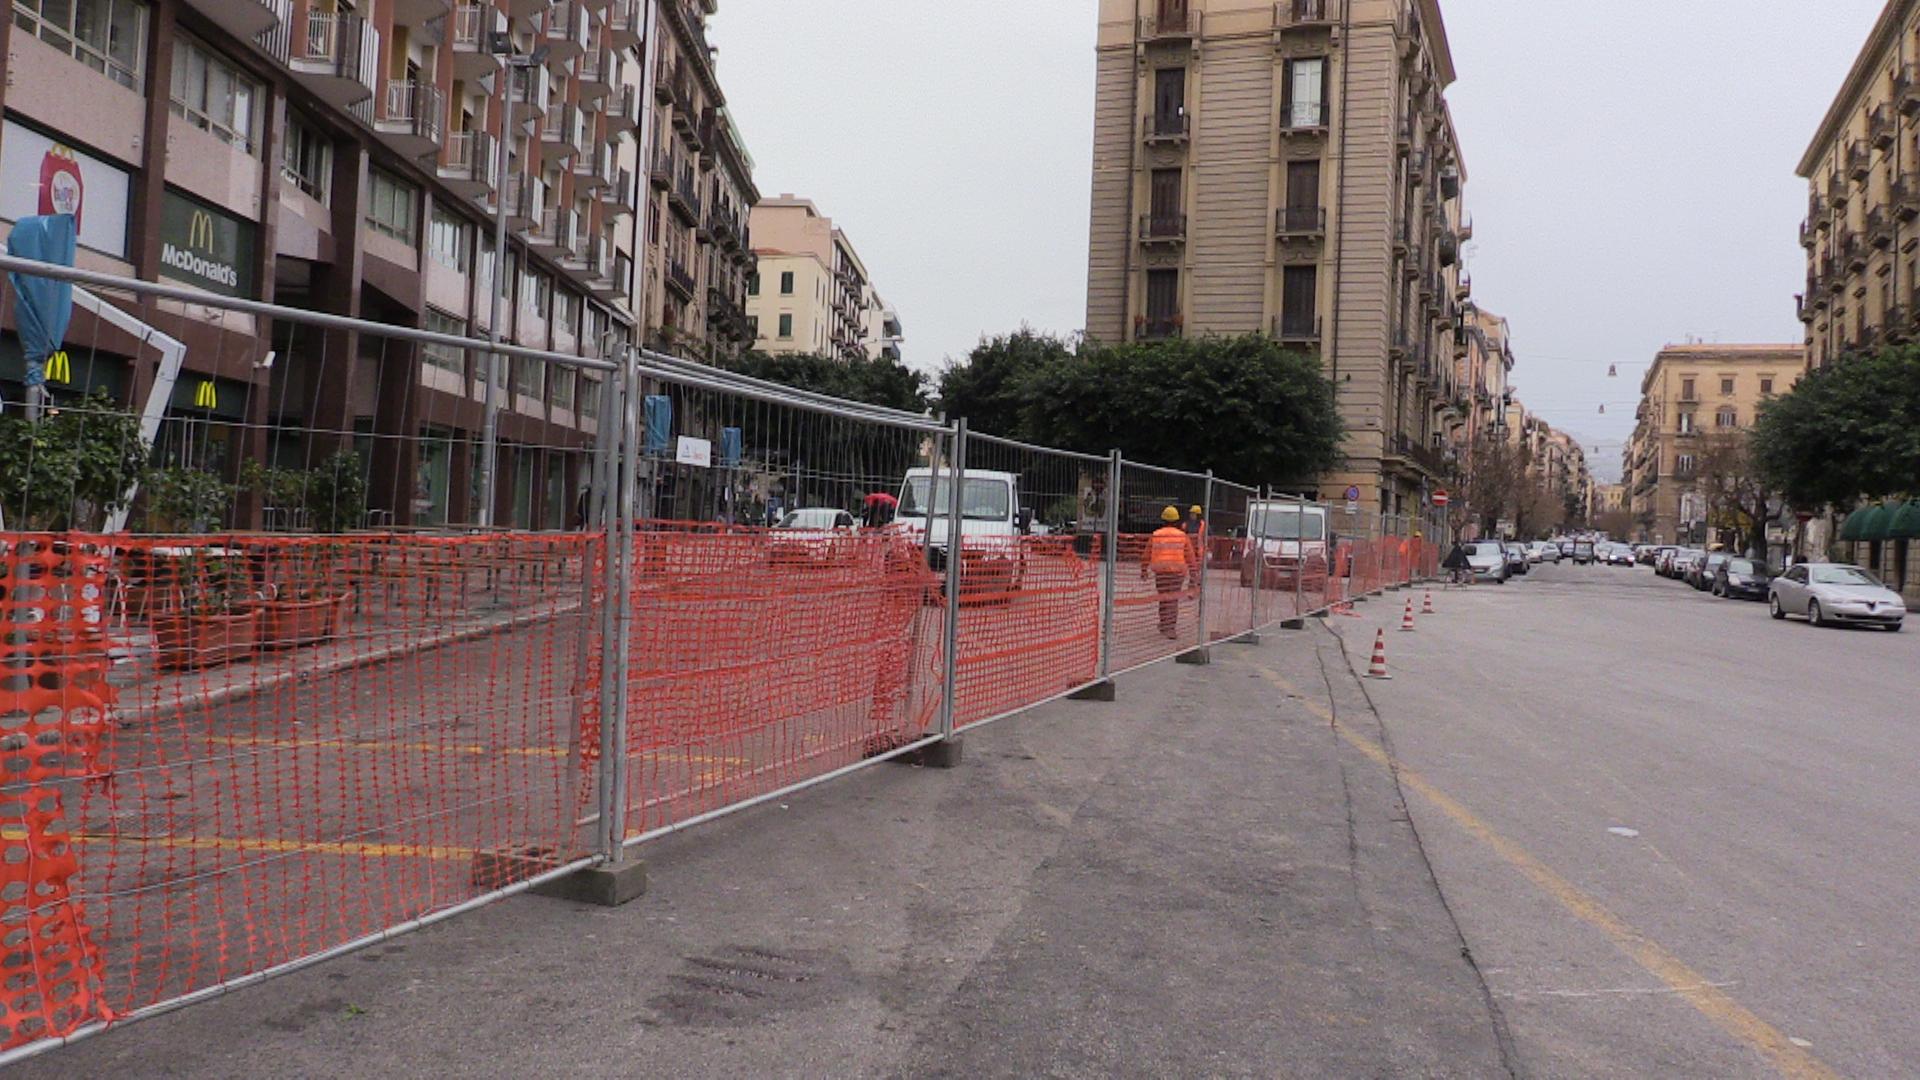 Piazza Castelnuovo chiusa al traffico: ecco come cambia la viabilità